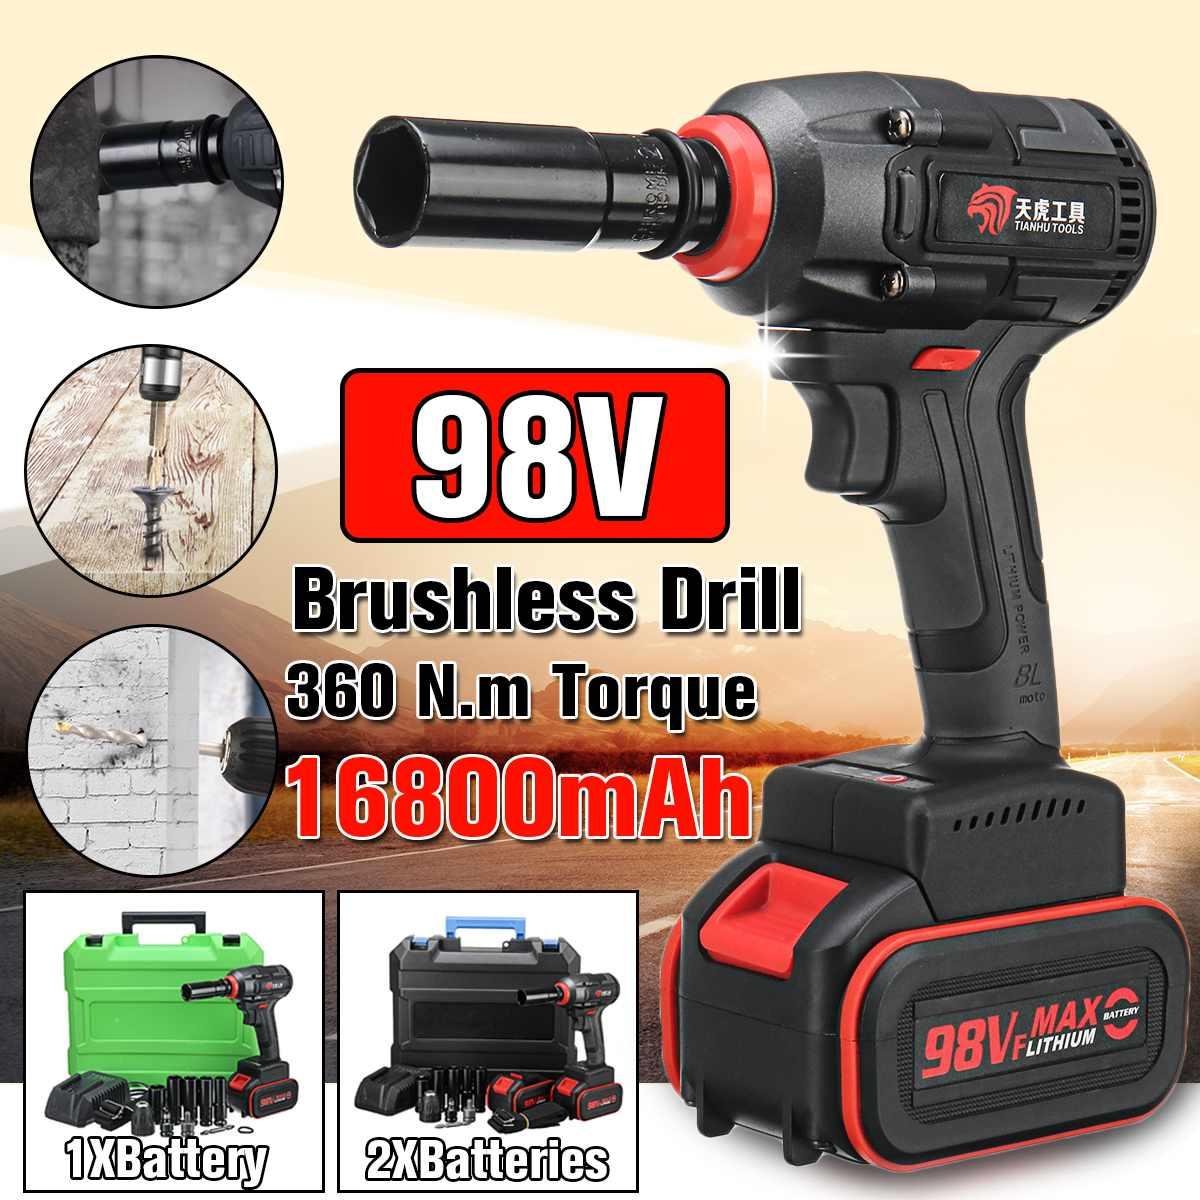 Ferramentas elétricas sem escova da instalação da broca da mão da bateria da chave de soquete do impacto 98 v 16800 mah li